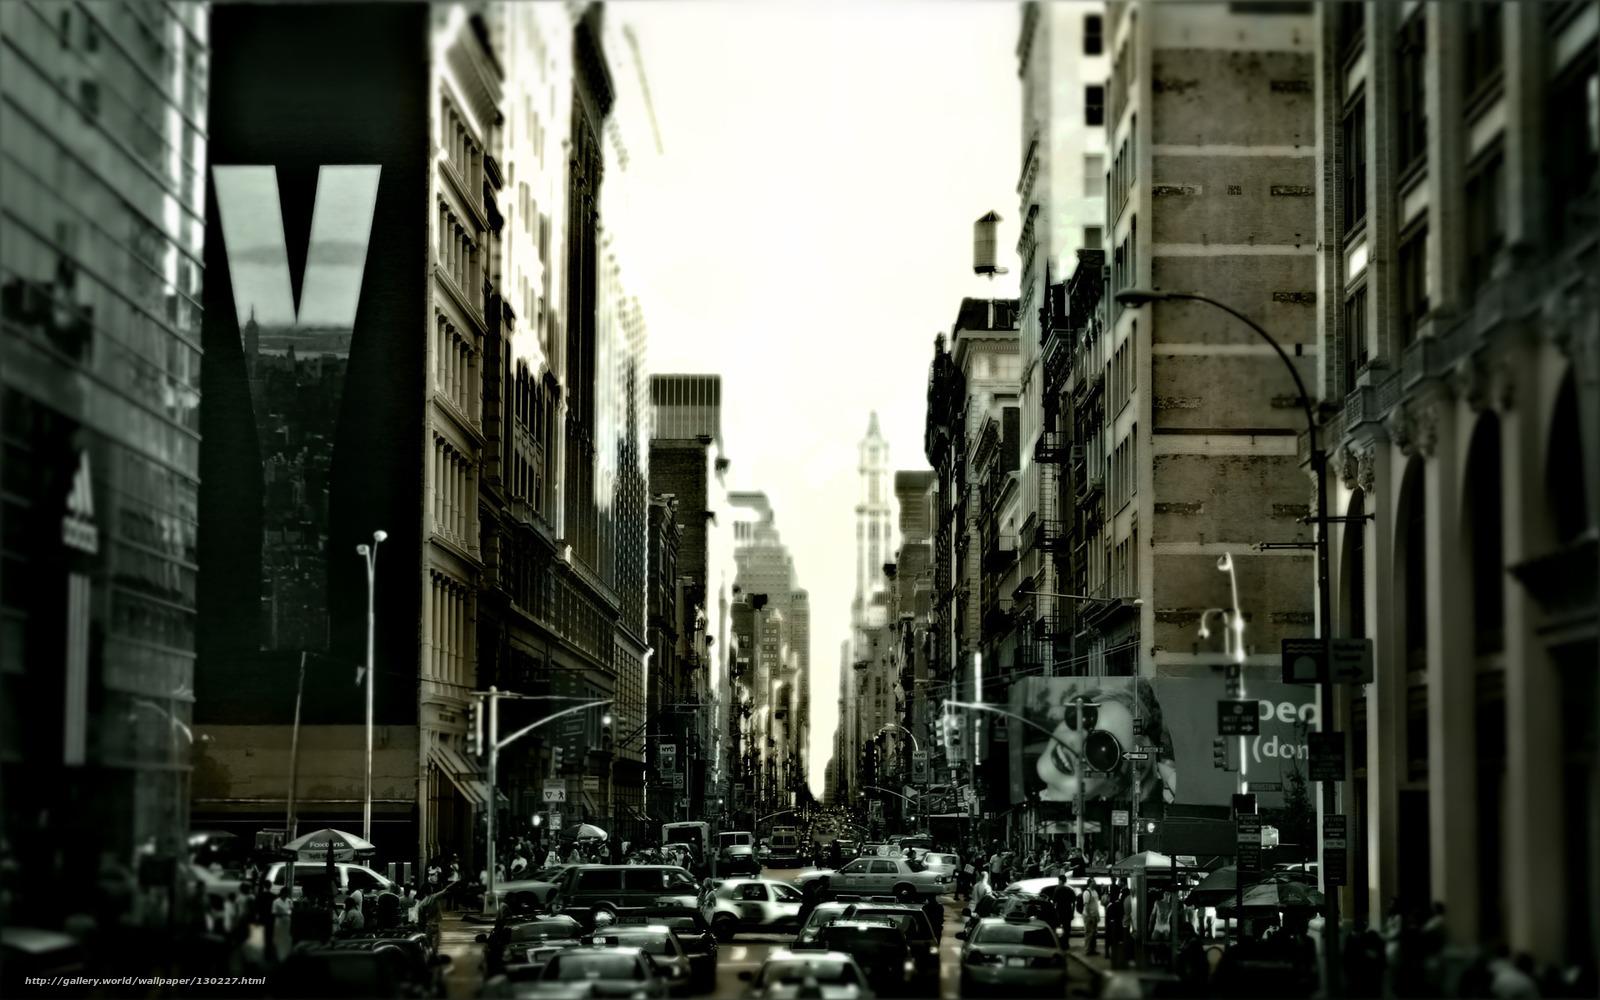 tlcharger fond d 39 ecran new york ville photo noir et blanc fonds d 39 ecran gratuits pour votre. Black Bedroom Furniture Sets. Home Design Ideas